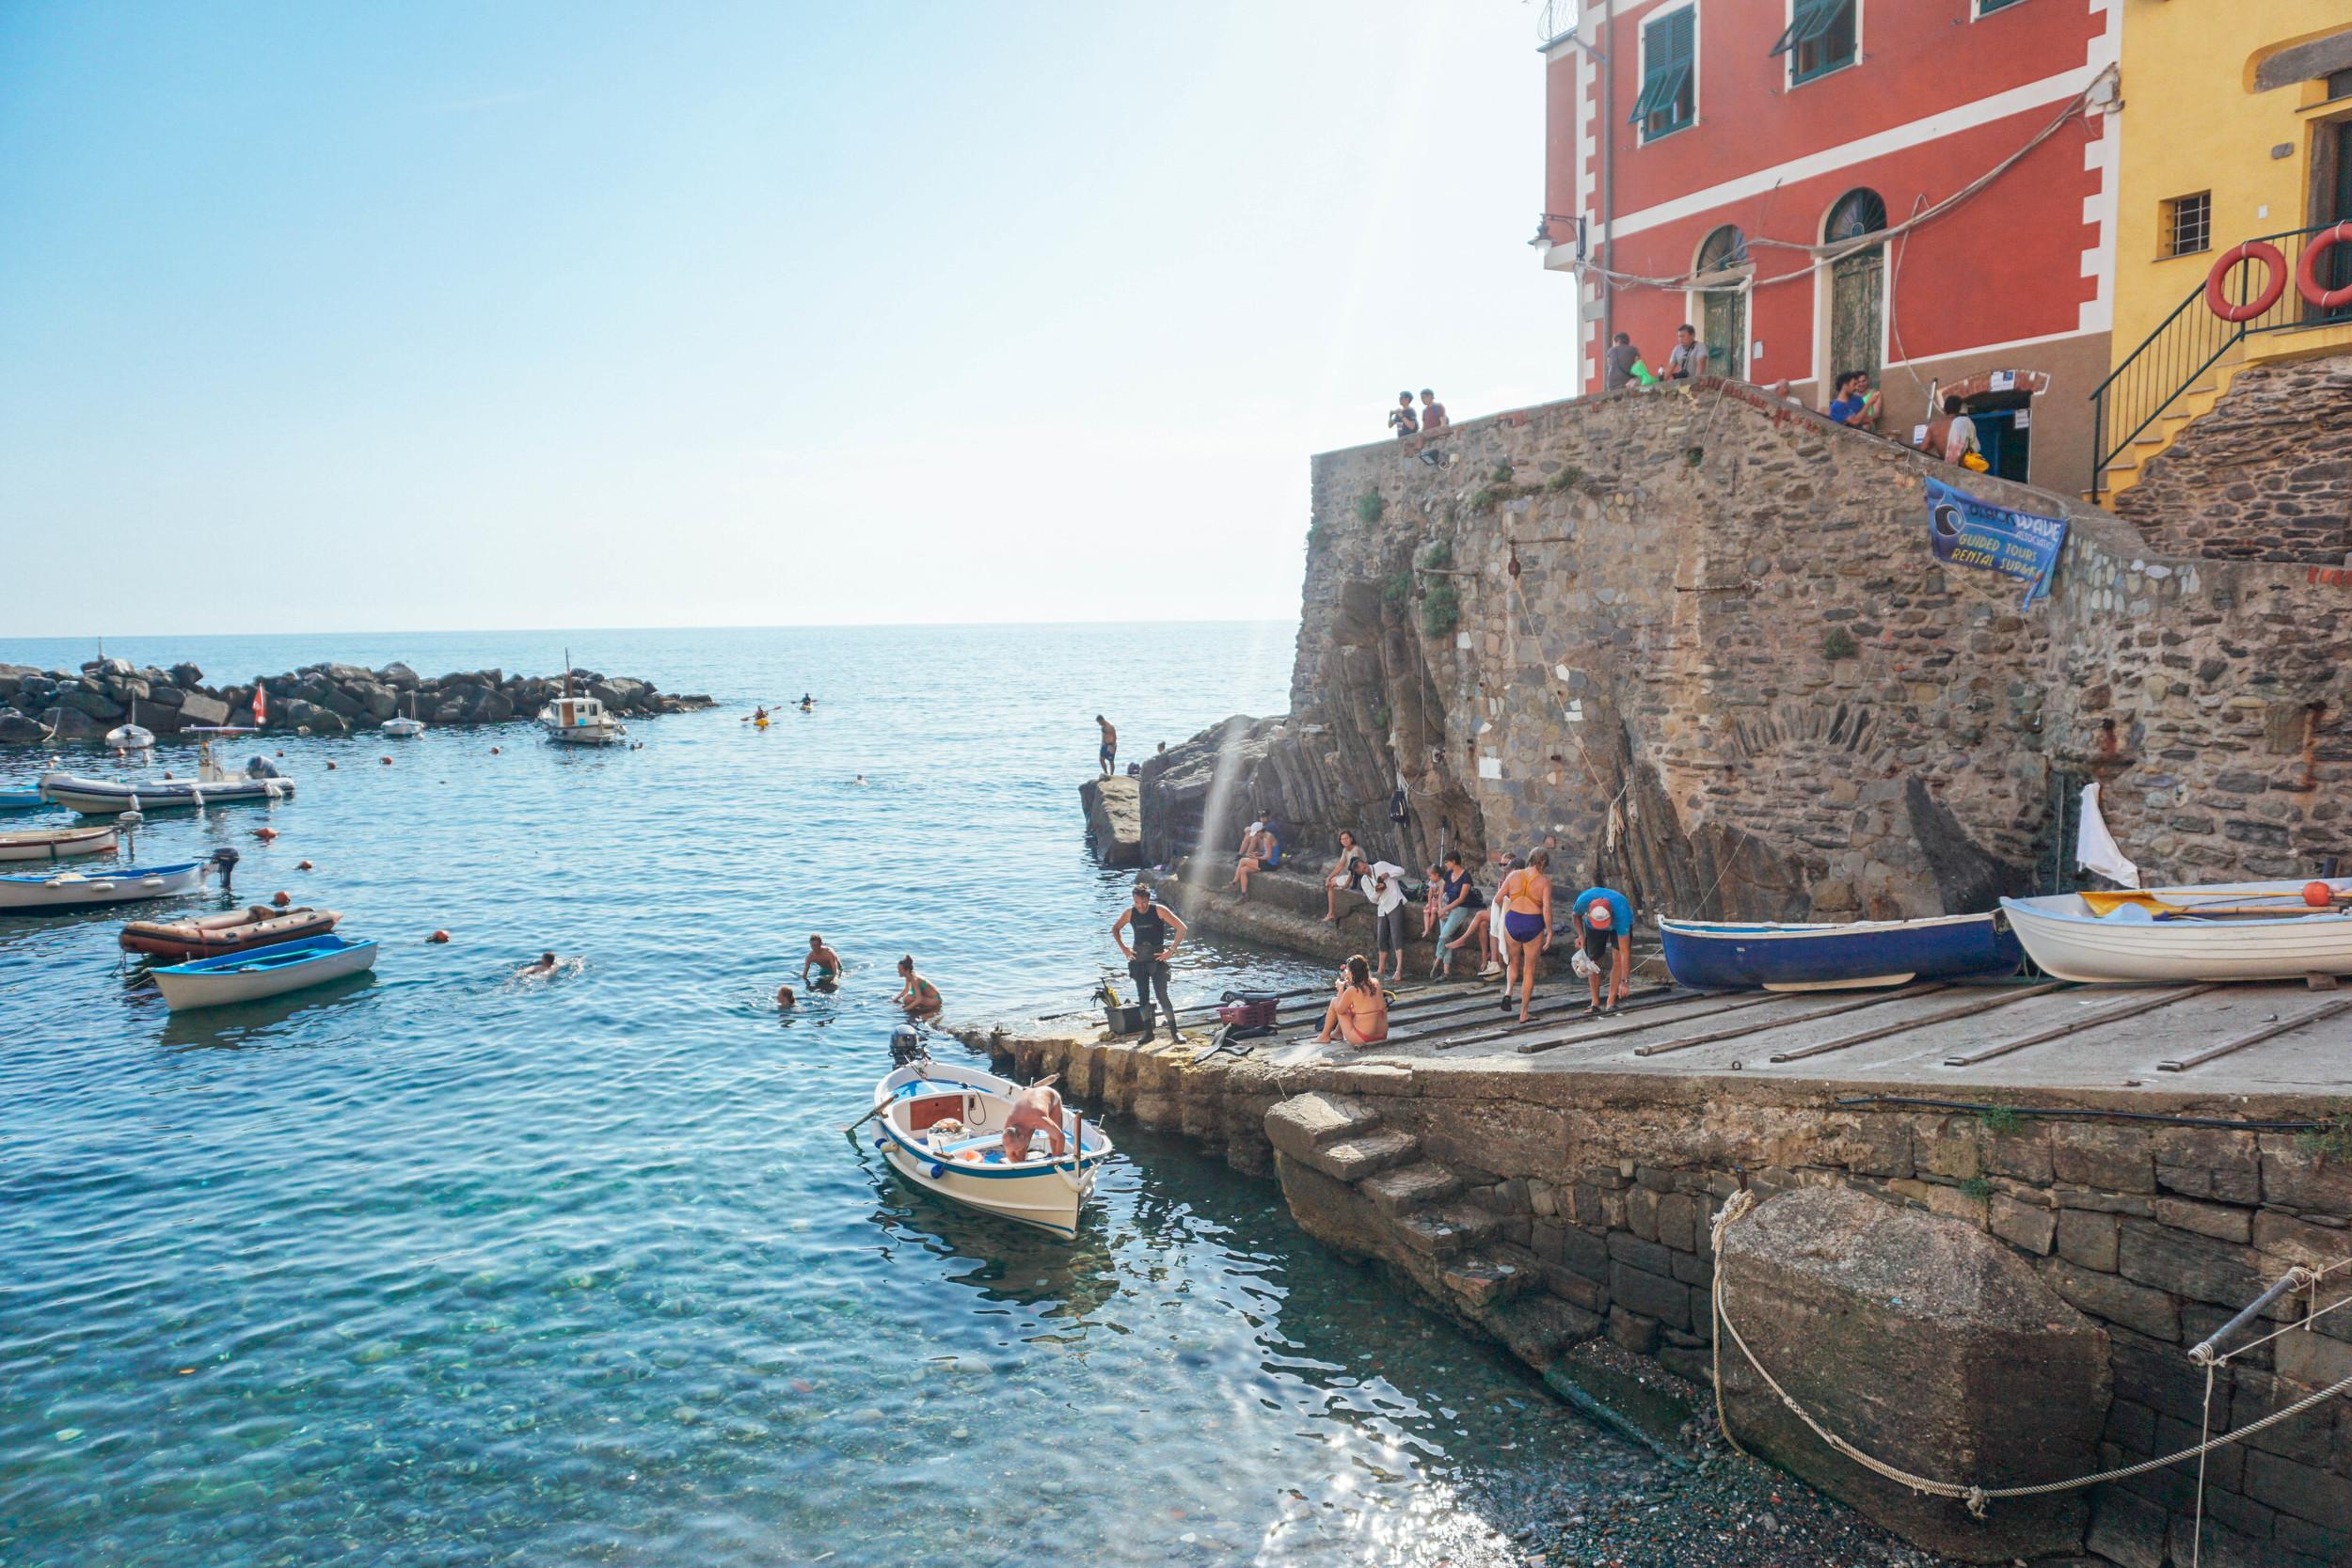 Things to do in Riomaggiore, Cinque Terre